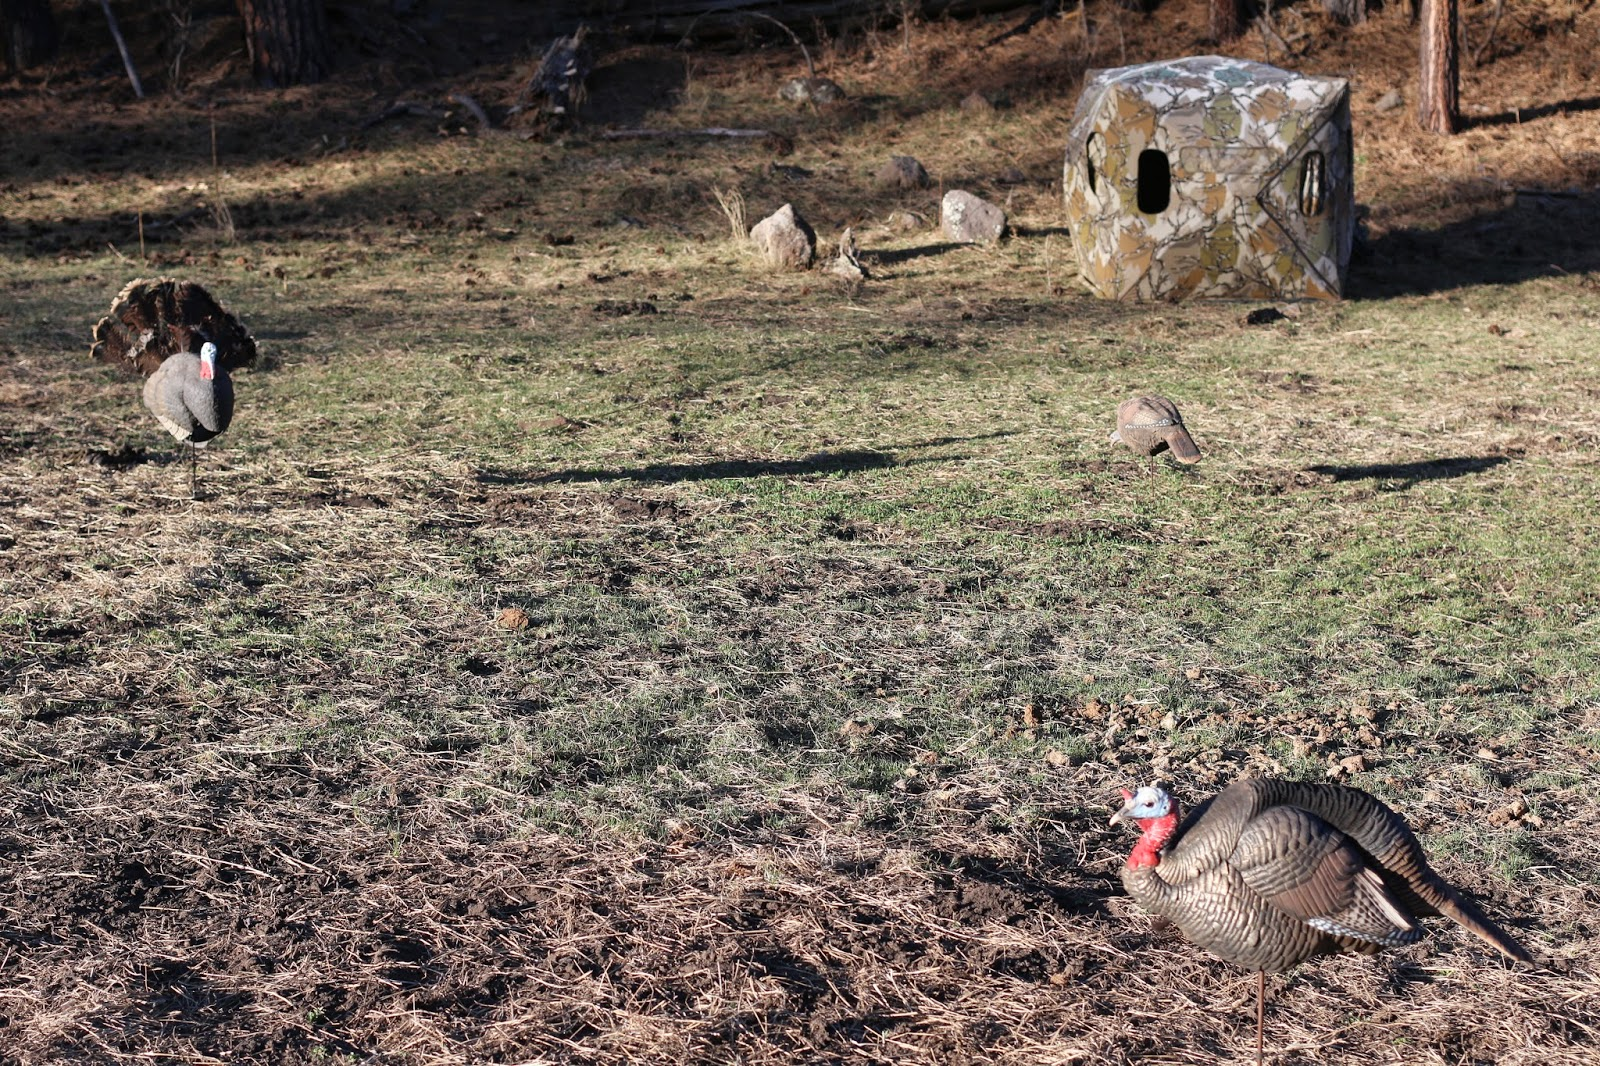 Arizona+Turkey+Hunting+with+Jay+Scott+Outdoors+5.JPG